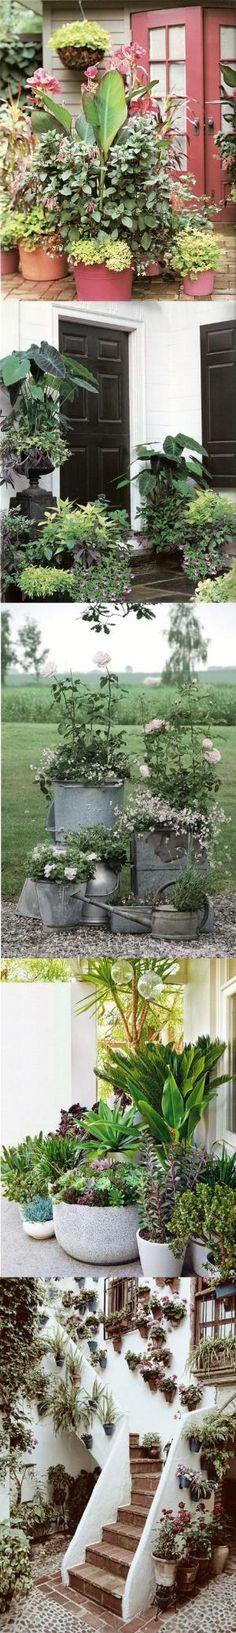 container-garden by ritasummerrose